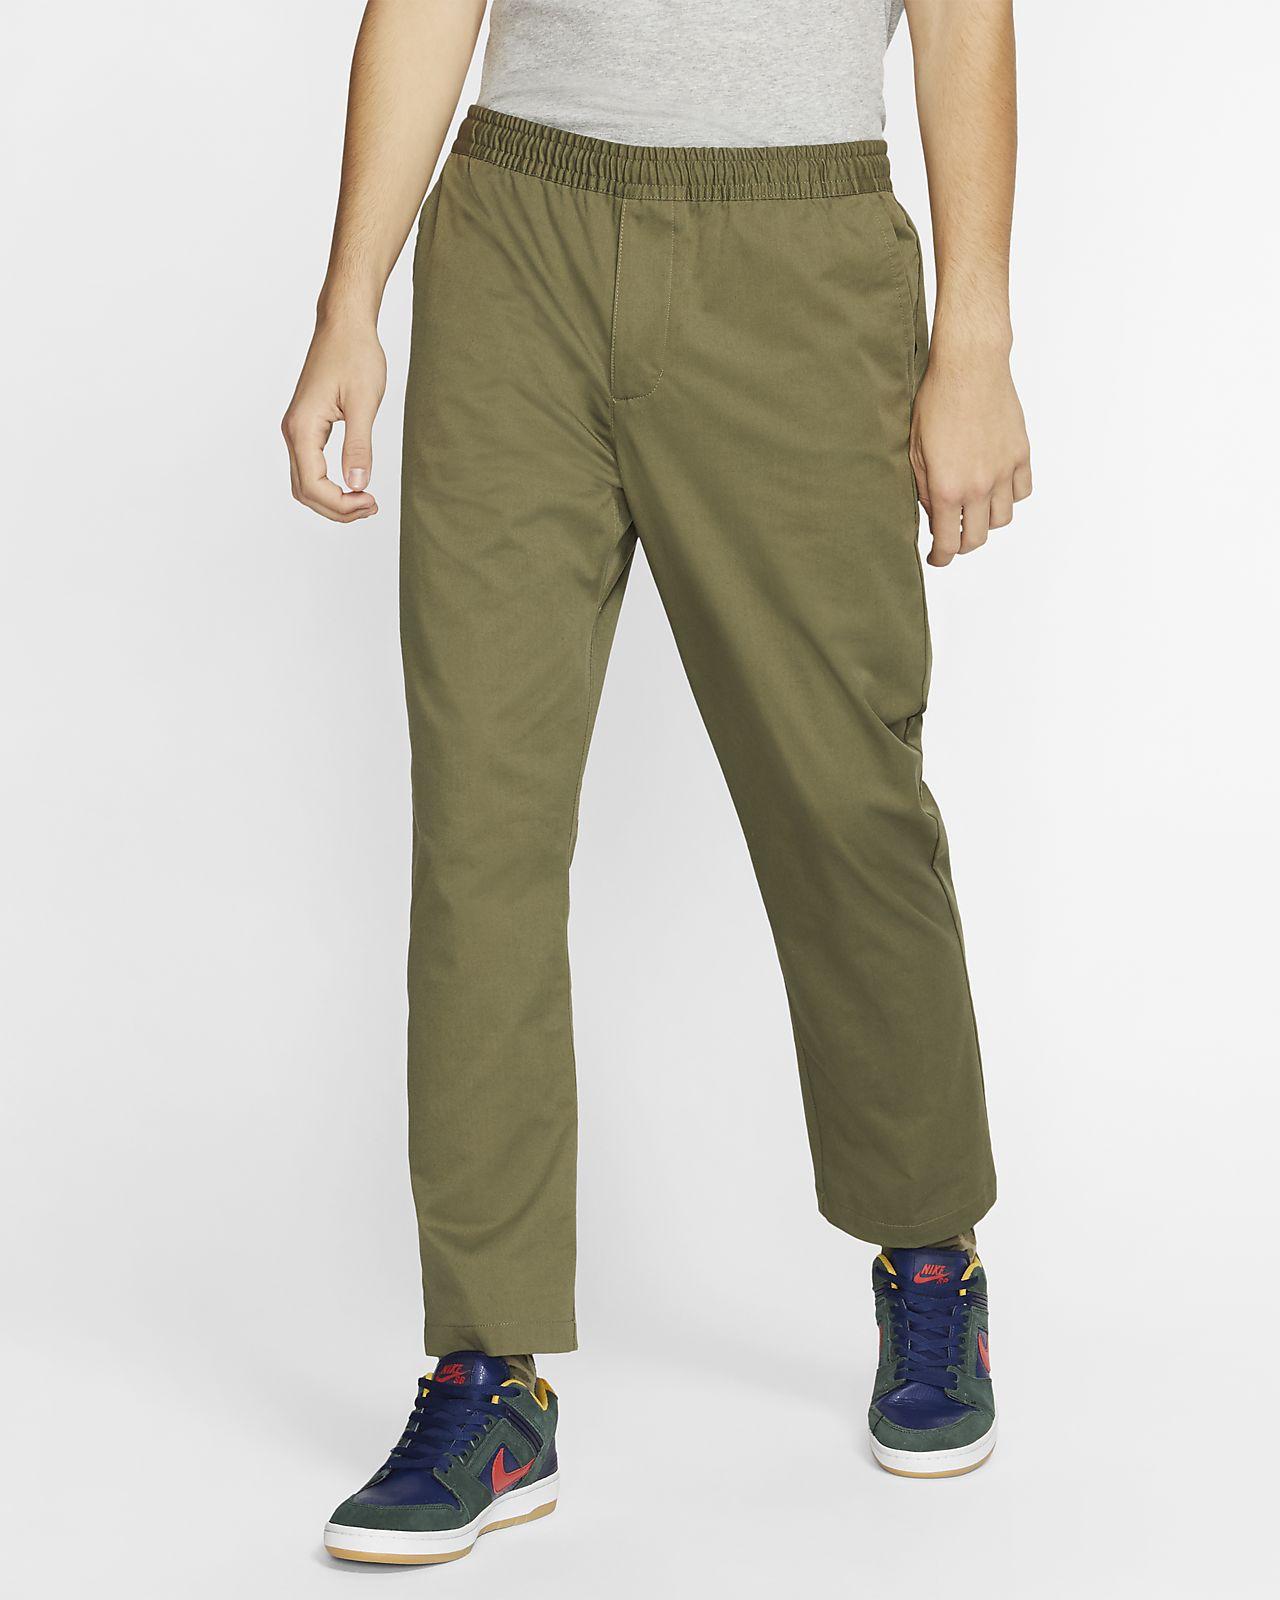 Nike SB vêtements Nike SB Pantalon Pantalon classiques FTM